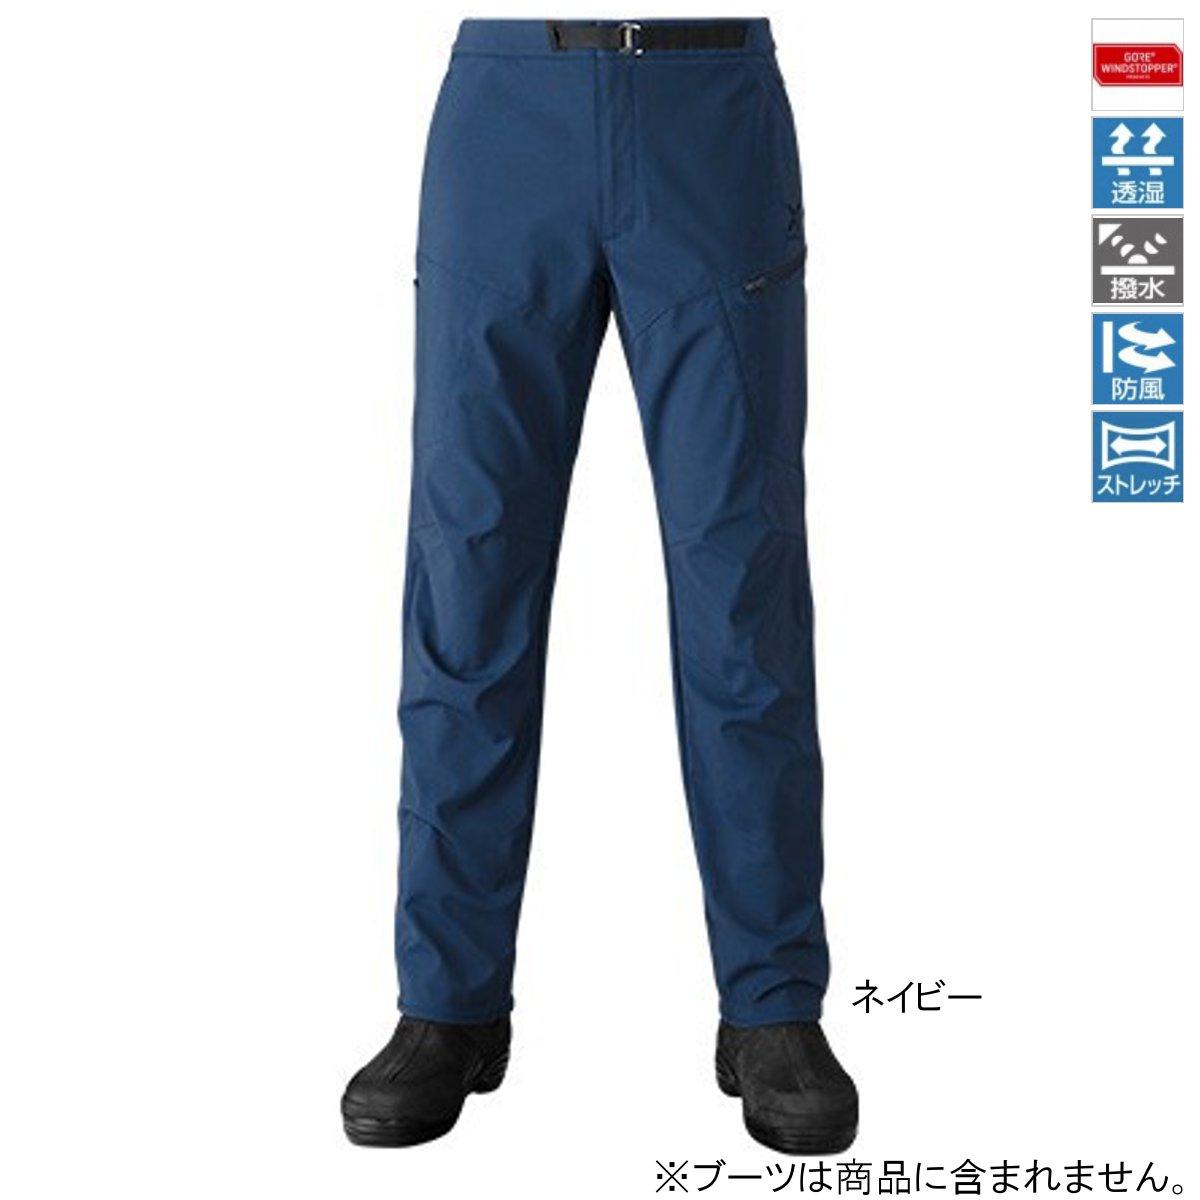 シマノ XEFO GORE WINDSTOPPER ボトム PA-241R 2XL ネイビー【送料無料】